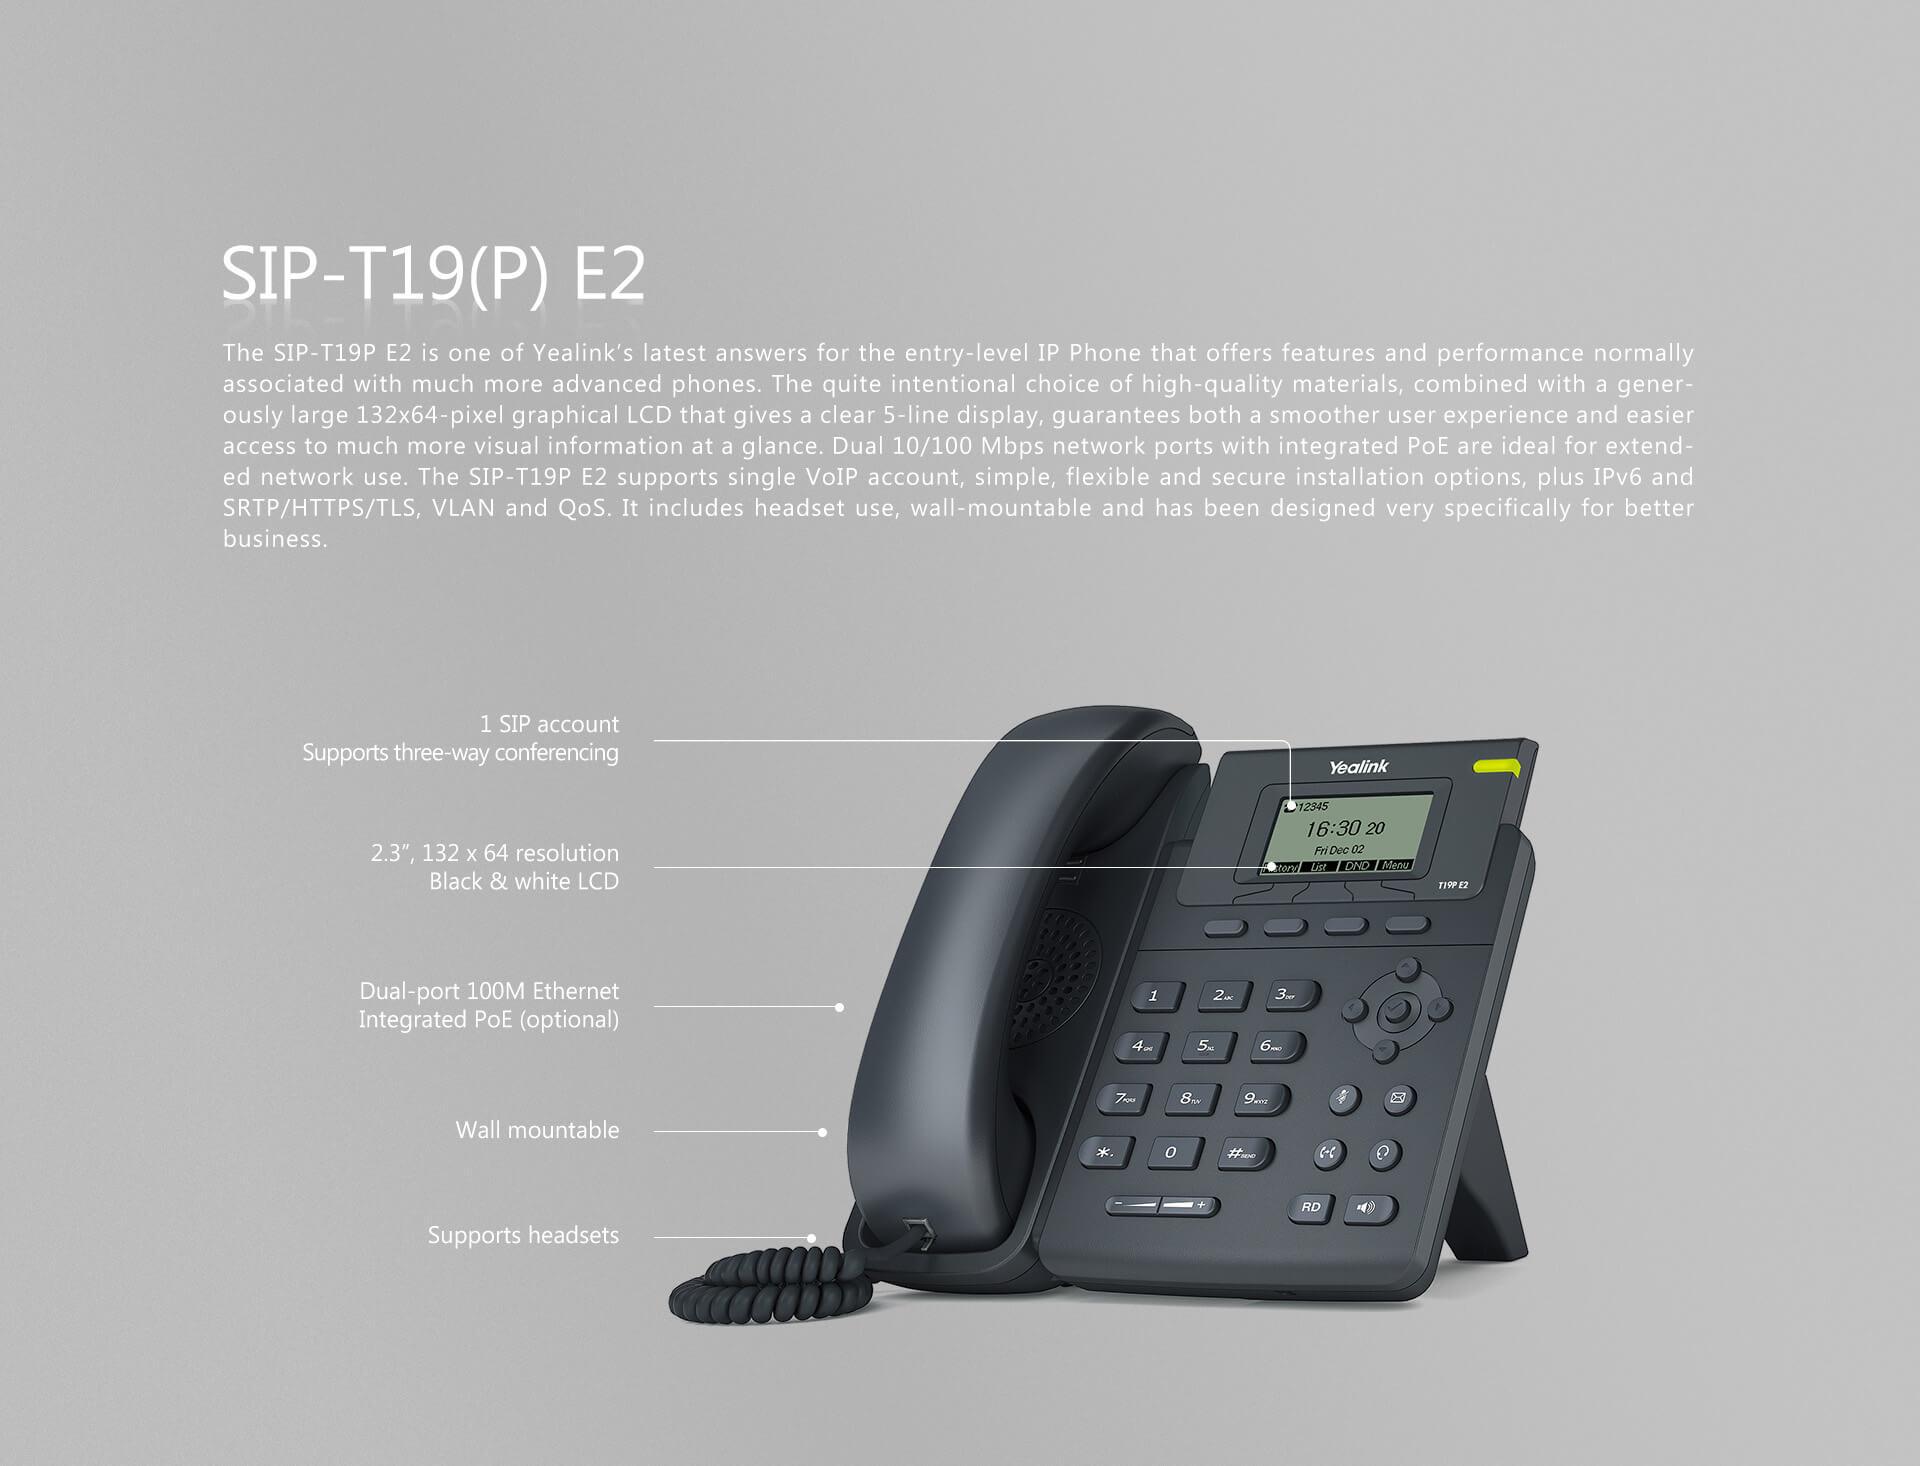 SIP-T19